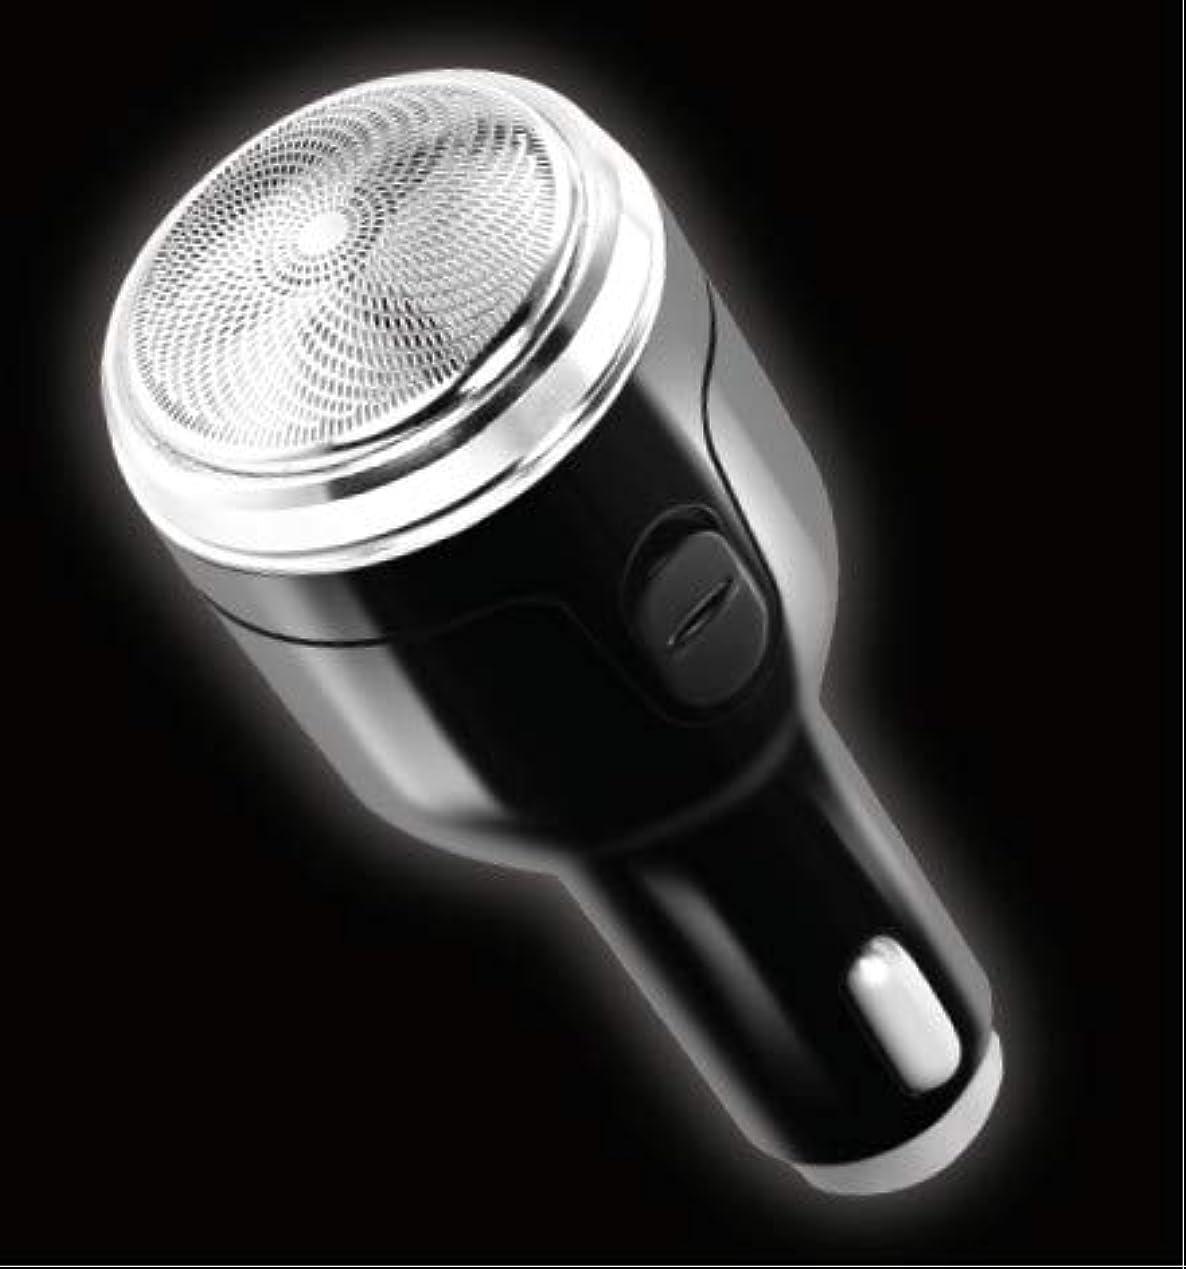 万一に備えてデンマーク薄めるシガーソケット充電式シェーバー 髭剃り USBポート付き 12V-24V車対応 レジャー ドライブ アウトドア